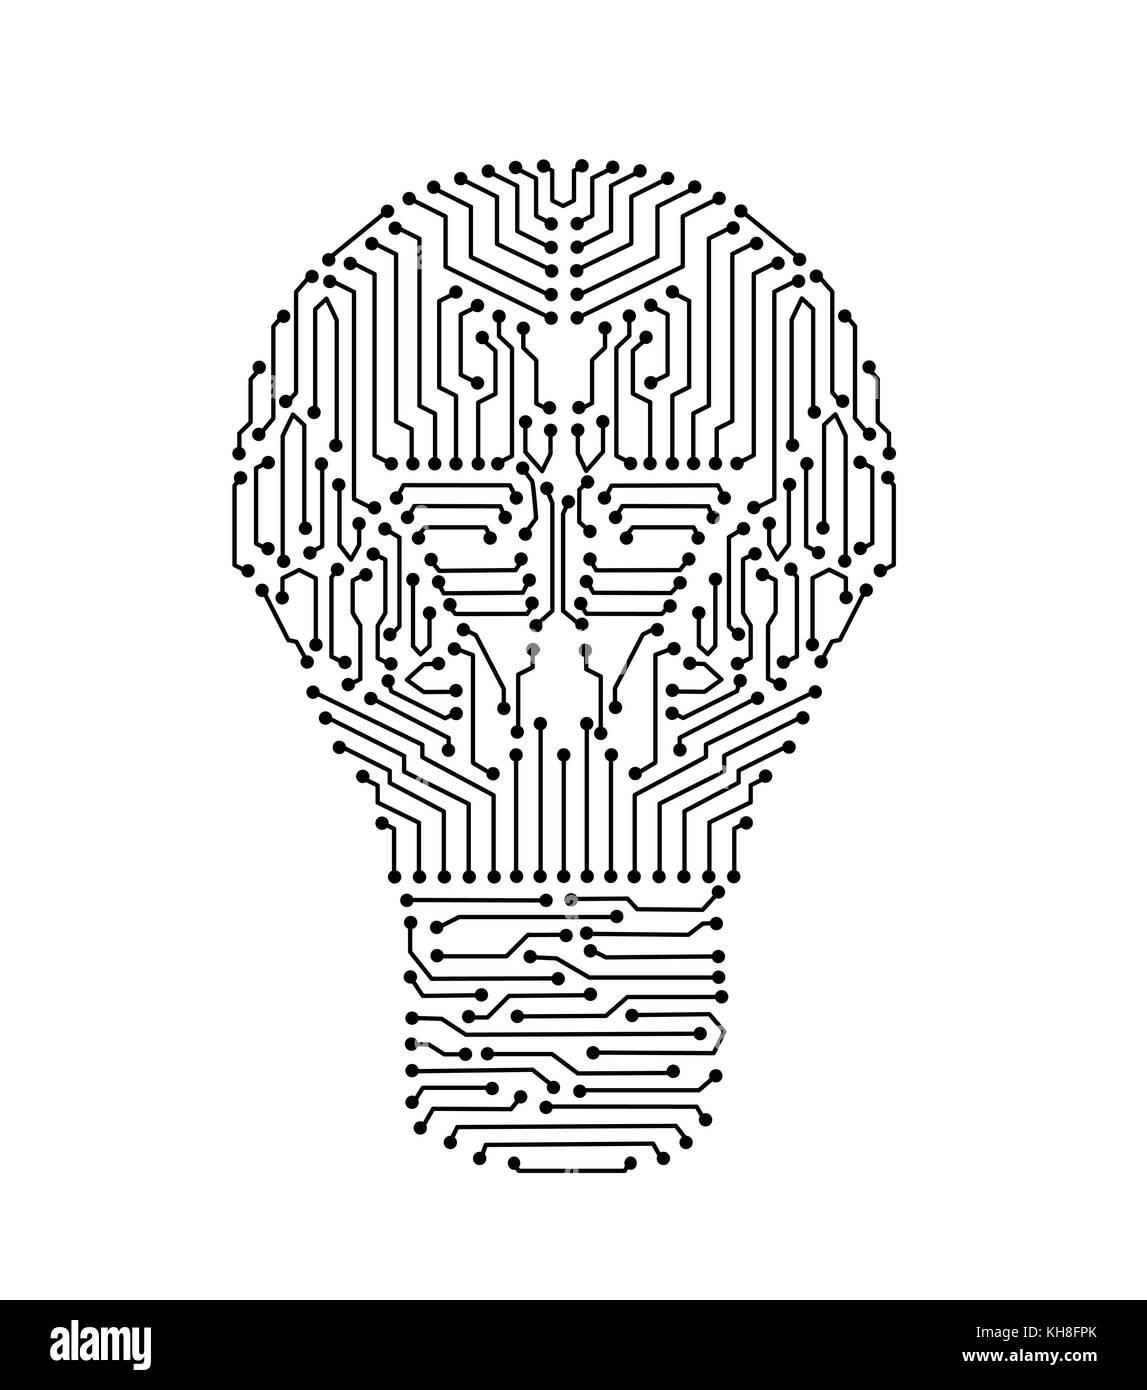 Circuito Eletronica : A placa de circuito em forma de lâmpada lâmpada eletrônica ou